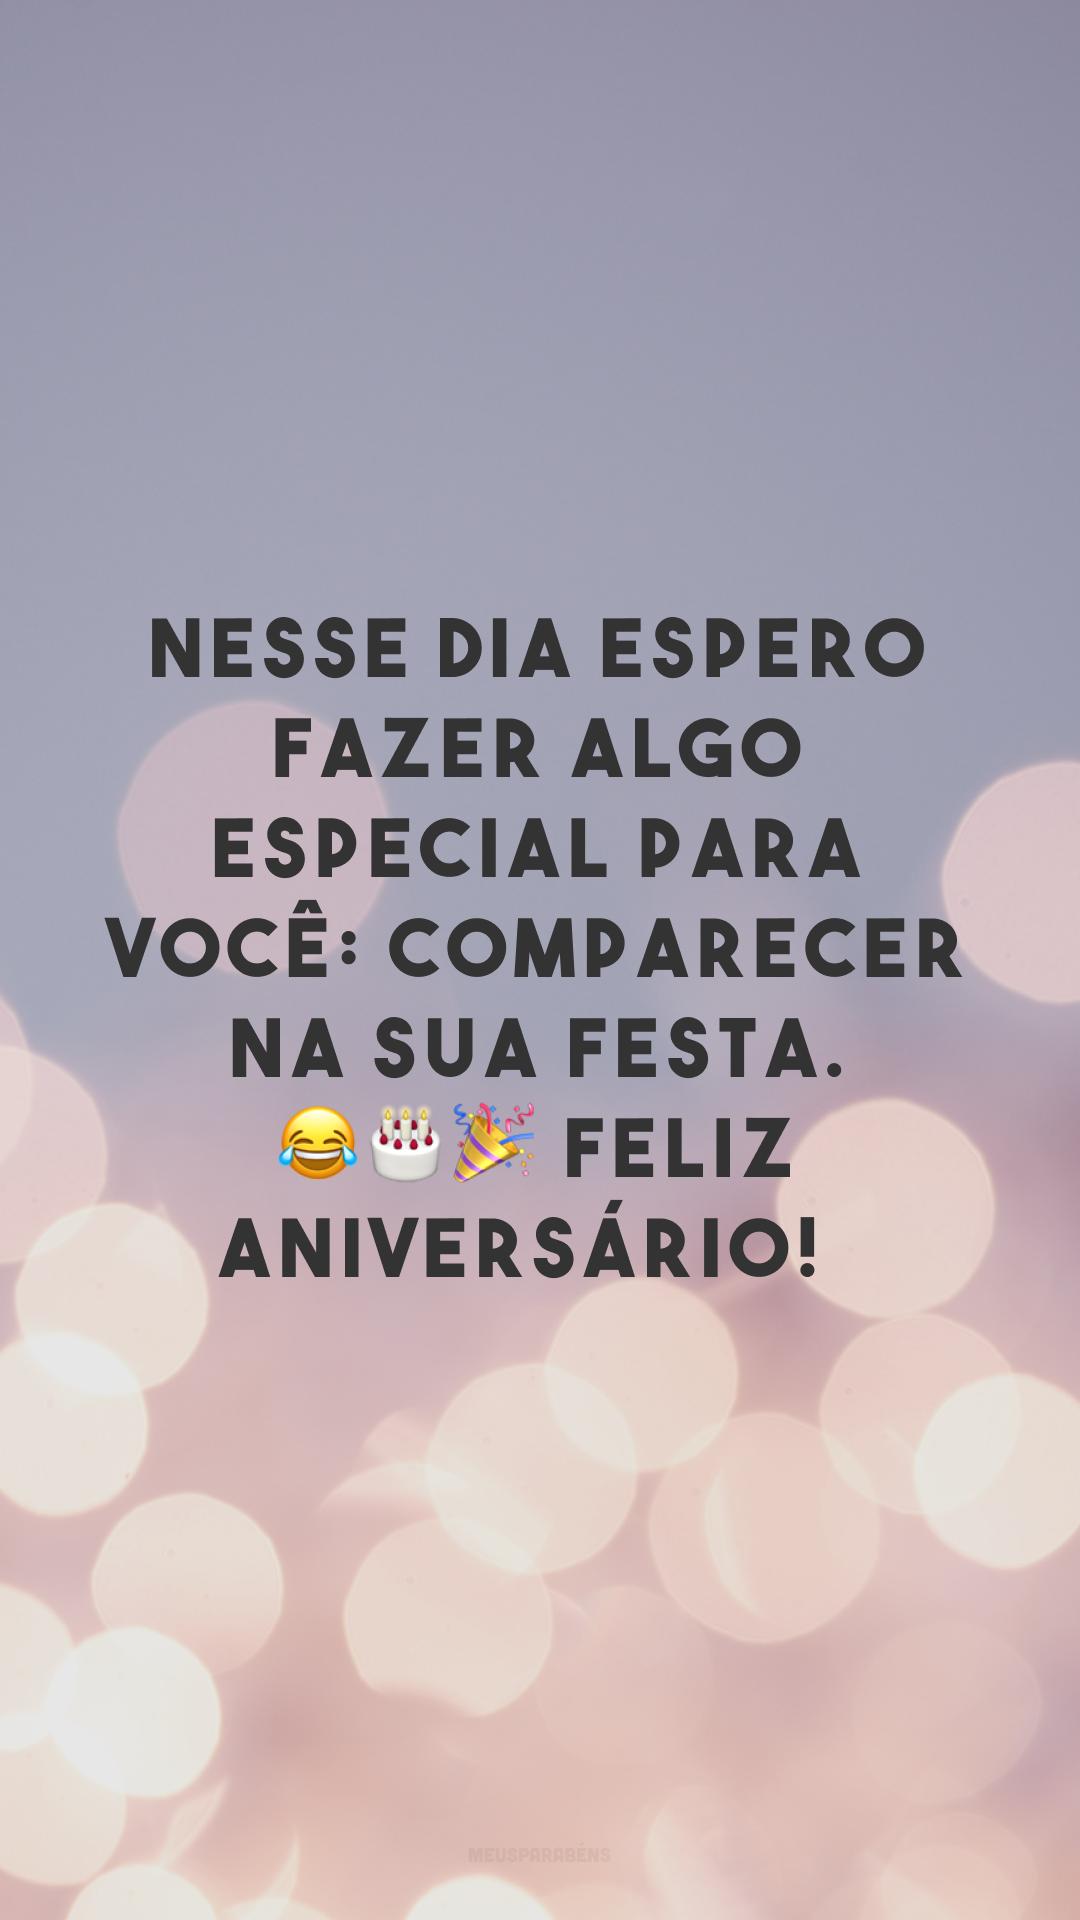 Nesse dia espero fazer algo especial para você: comparecer na sua festa. 😂🎂🎉 Feliz aniversário!